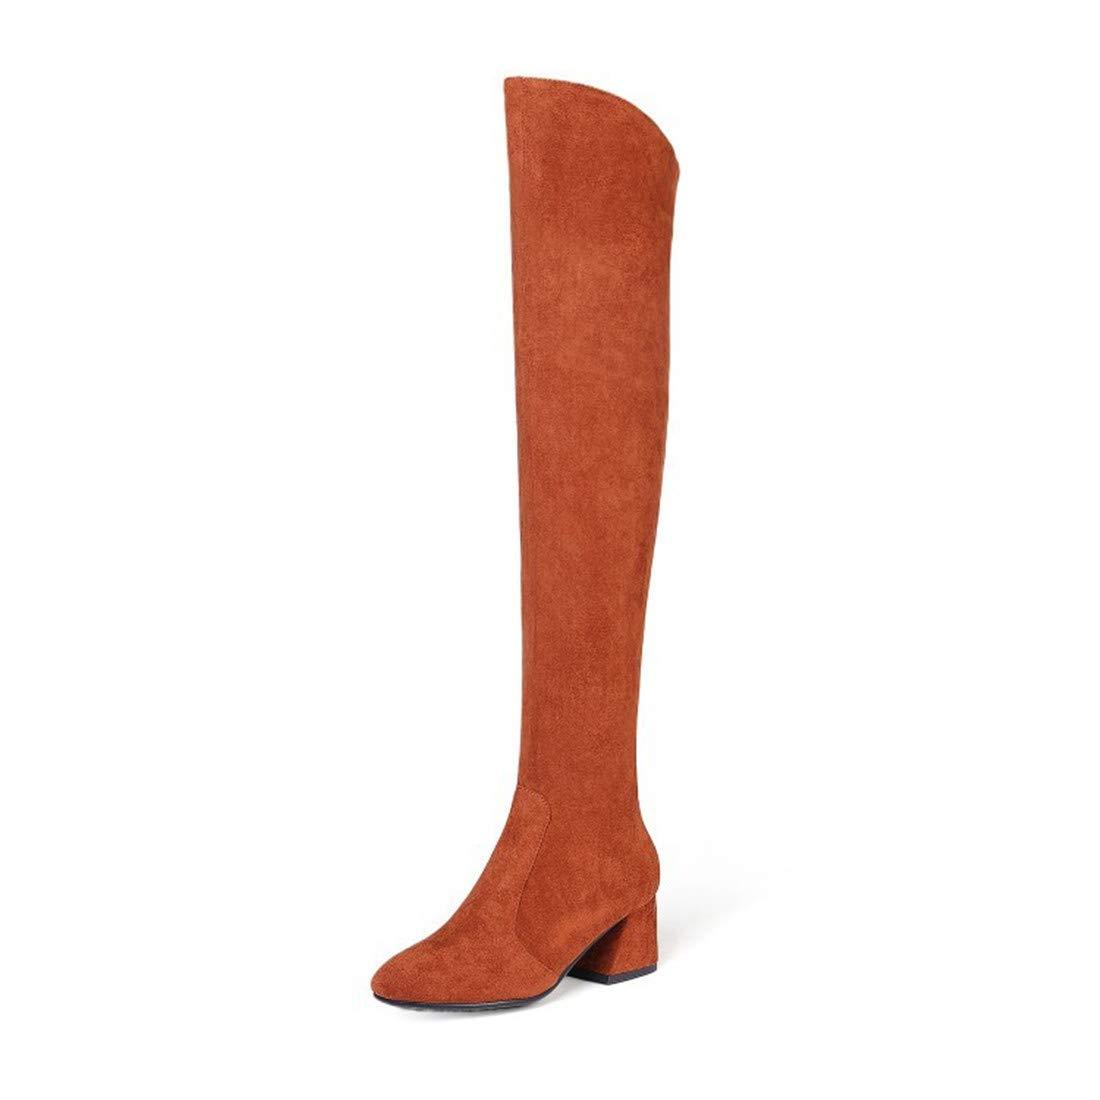 Sandalette-DEDE Lady Rider Bottes, Grosses Bottes des et des Bottes avec des Bottes Bottes. 36|caramel colour cf2d9e